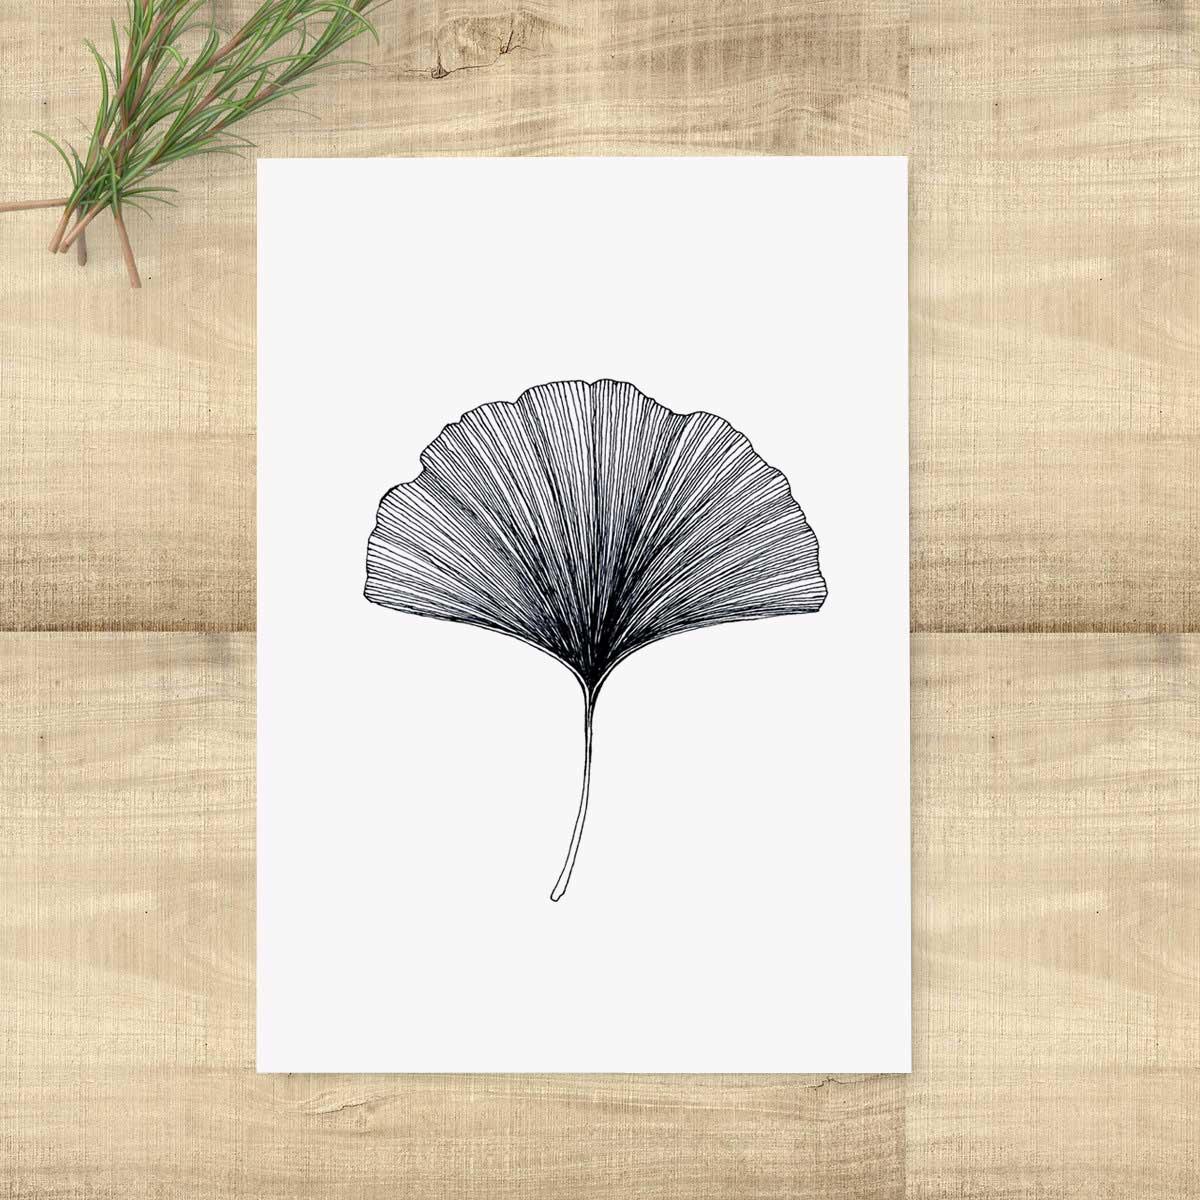 White leaf wall decor : Ginkgo leaf wall art modern print poster